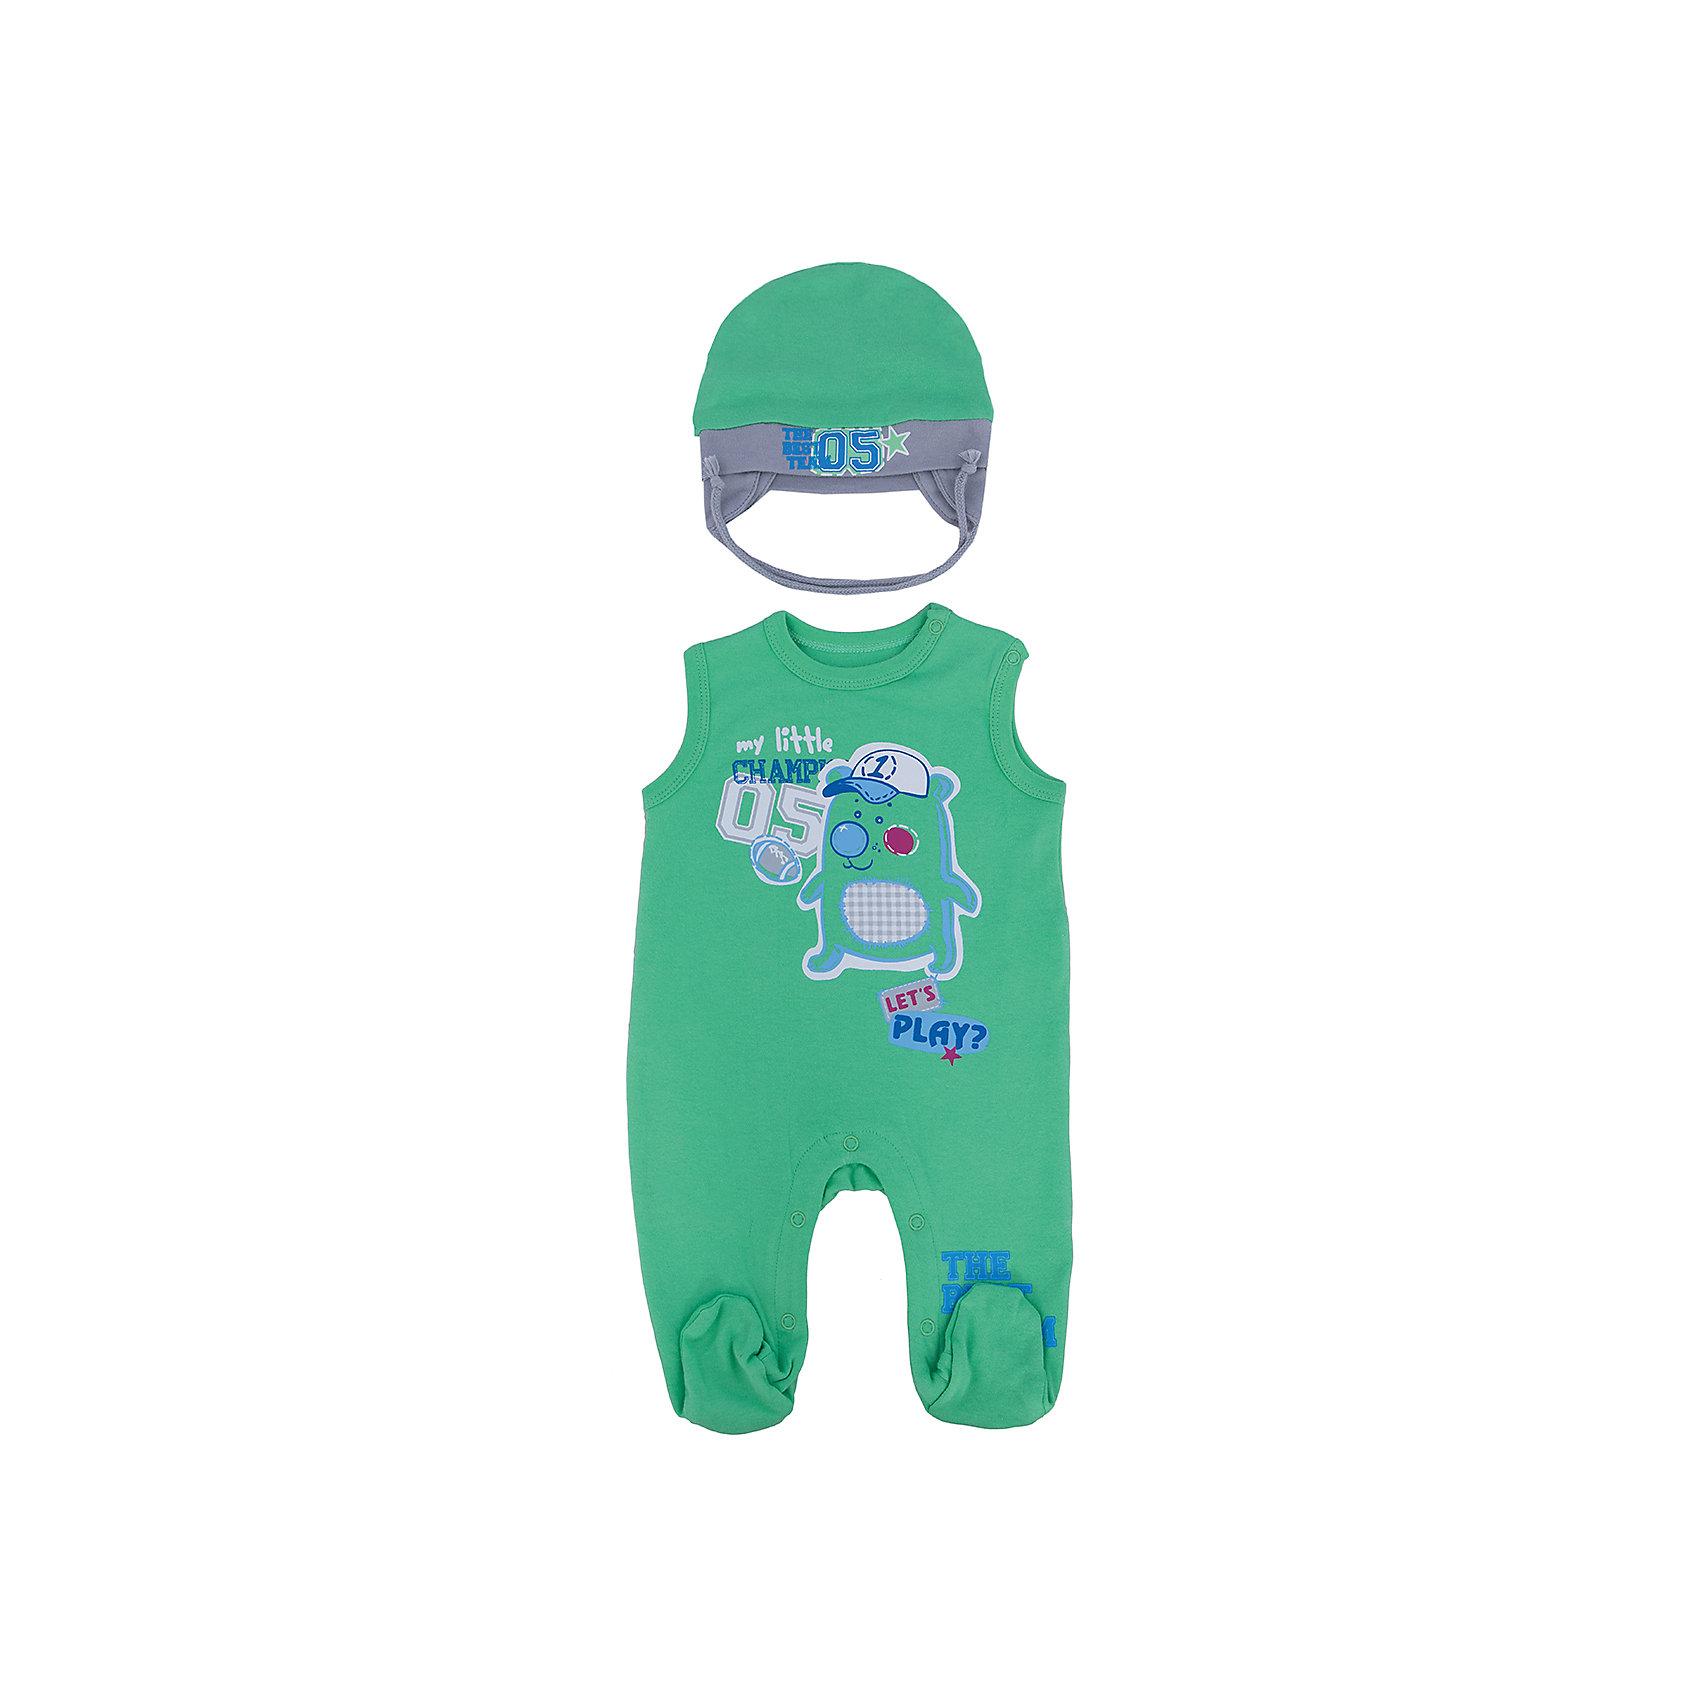 Комплект: полукомбинезон и шапка  PELICANМодный и симпатичный комплект в спортивном стиле состоит из полукомбинезона и шапочки. Изделия помогут обеспечить малышу удобство и тепло. Удобный крой и качественный материал обеспечат ребенку комфорт при ношении этих вещей. <br>Полукомбинезон украшен принтом. Он застегивается с помощью кнопок по низу изделия и на плечах. Шапочка также декорирована принтом, дополнена завязками. Материал - легкий, отлично подходит для детской одежды, состоит из дышащего натурального хлопка. Очень приятен на ощупь, не вызывает аллергии.<br><br>Дополнительная информация:<br><br>материал: 100% хлопок;<br>застежки - кнопки;<br>декорирован принтом.<br><br>Комплект от бренда PELICAN (Пеликан) можно купить в нашем магазине.<br><br>Ширина мм: 157<br>Глубина мм: 13<br>Высота мм: 119<br>Вес г: 200<br>Цвет: зеленый<br>Возраст от месяцев: 2<br>Возраст до месяцев: 5<br>Пол: Унисекс<br>Возраст: Детский<br>Размер: 62,80,74,68<br>SKU: 4805232